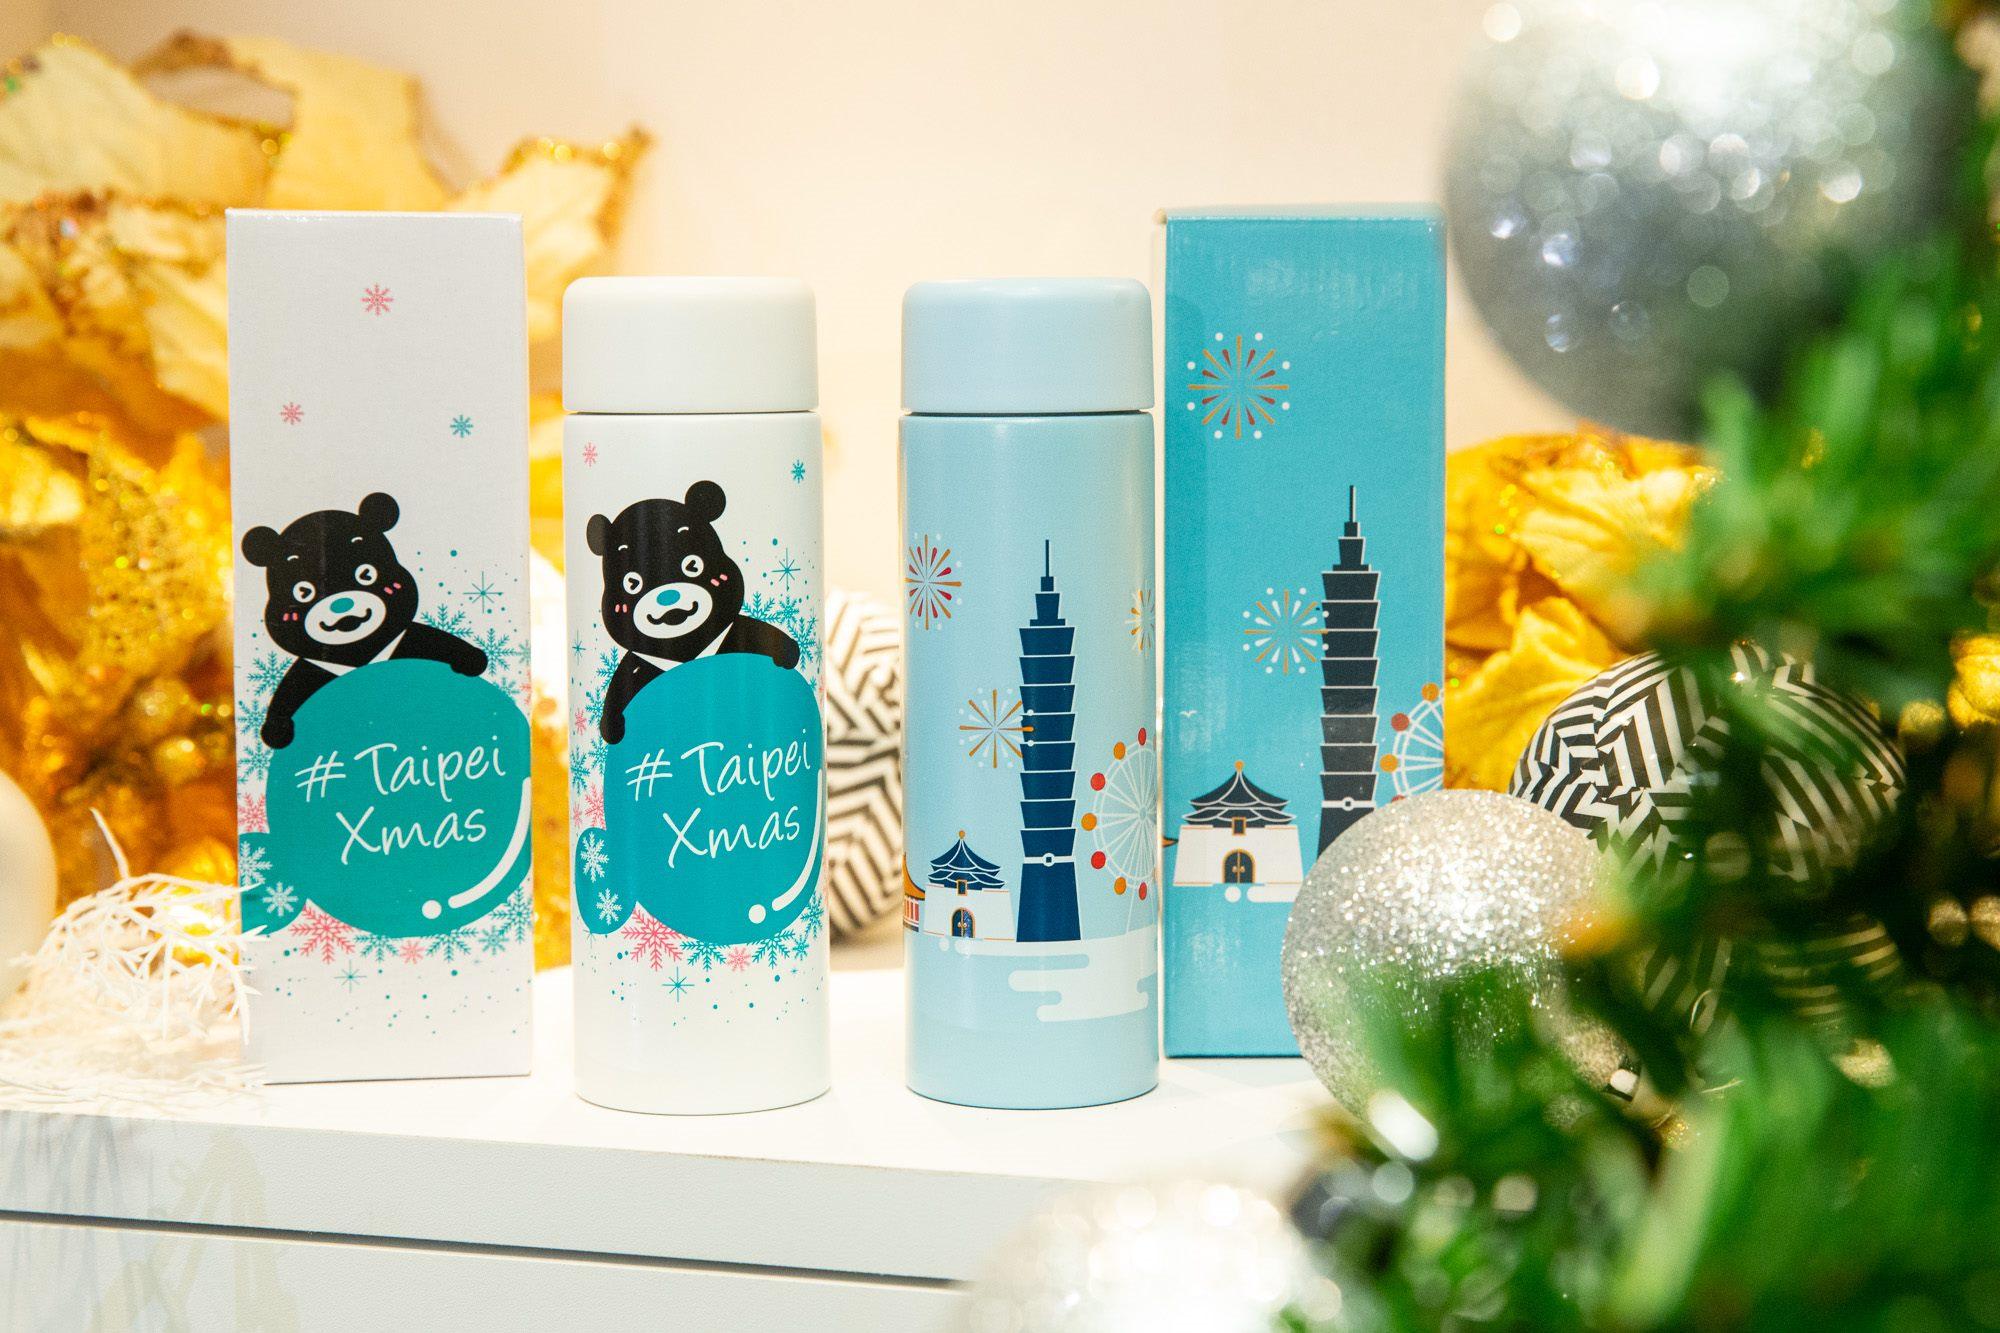 「台北城市杯」及「熊讚耶誕杯」圖